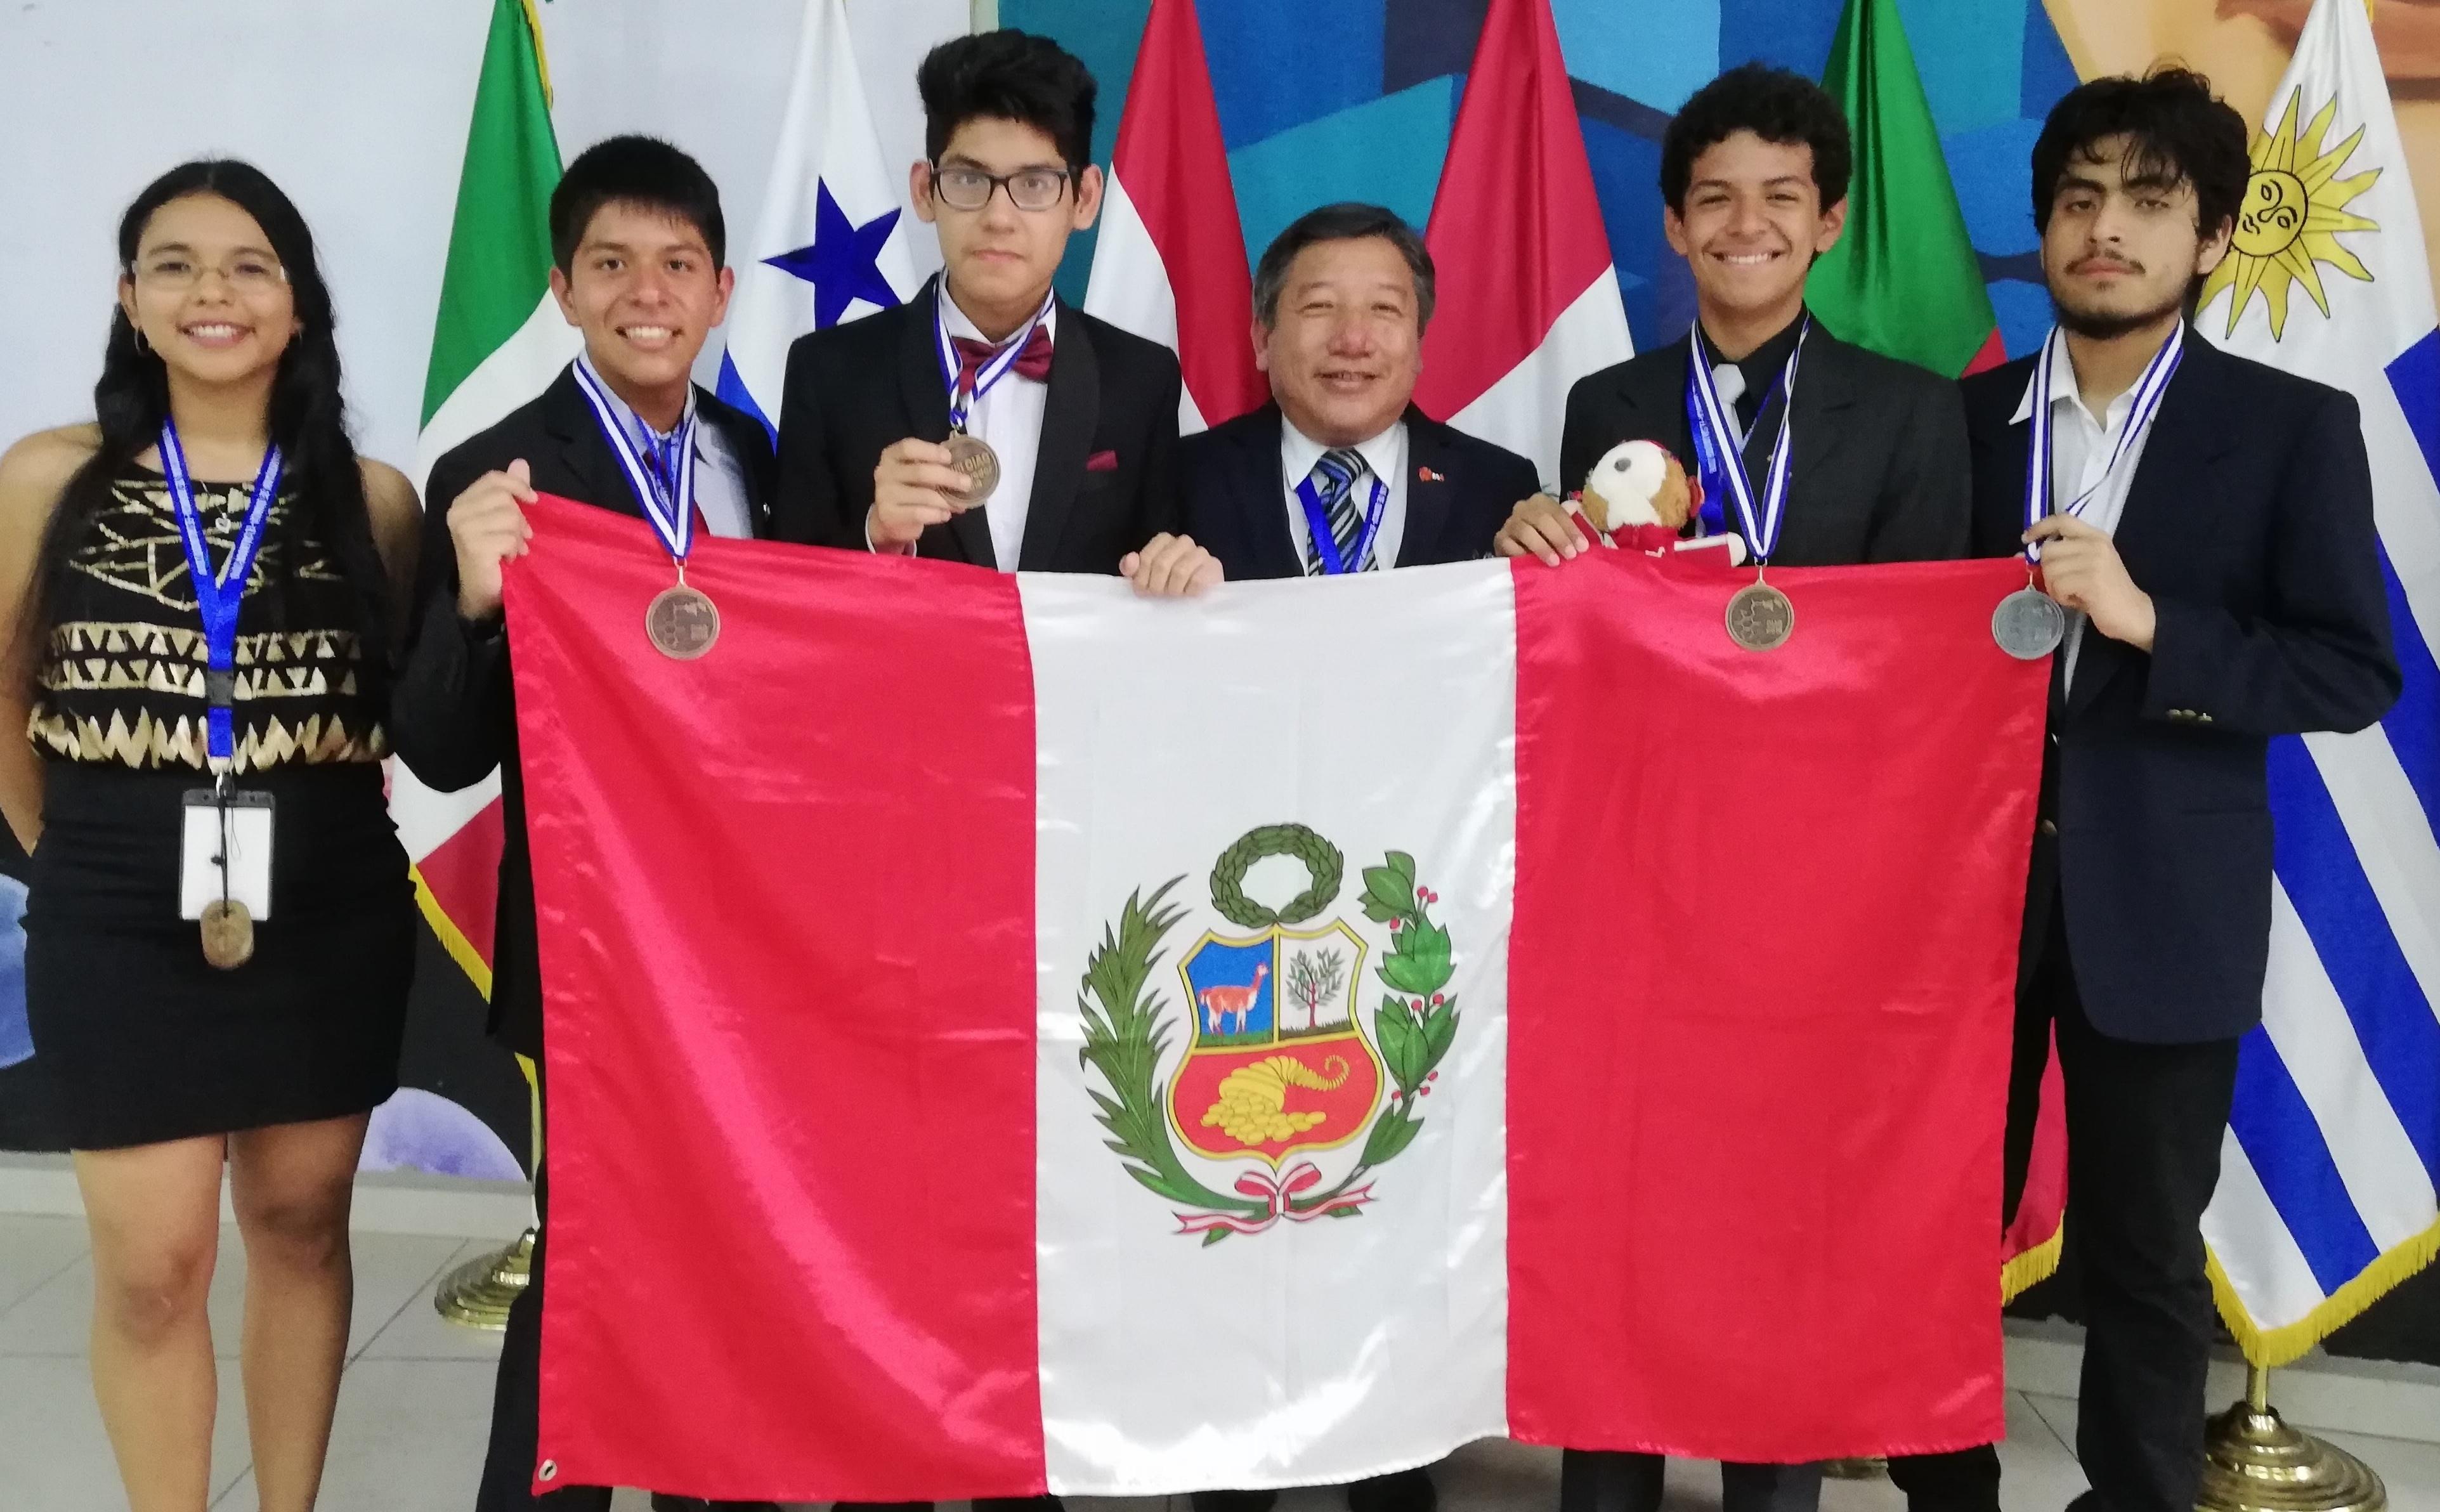 Alumnos entrenados en la Sección Química ganan medallas en la XXIII Olimpiada Iberoamericana de Química